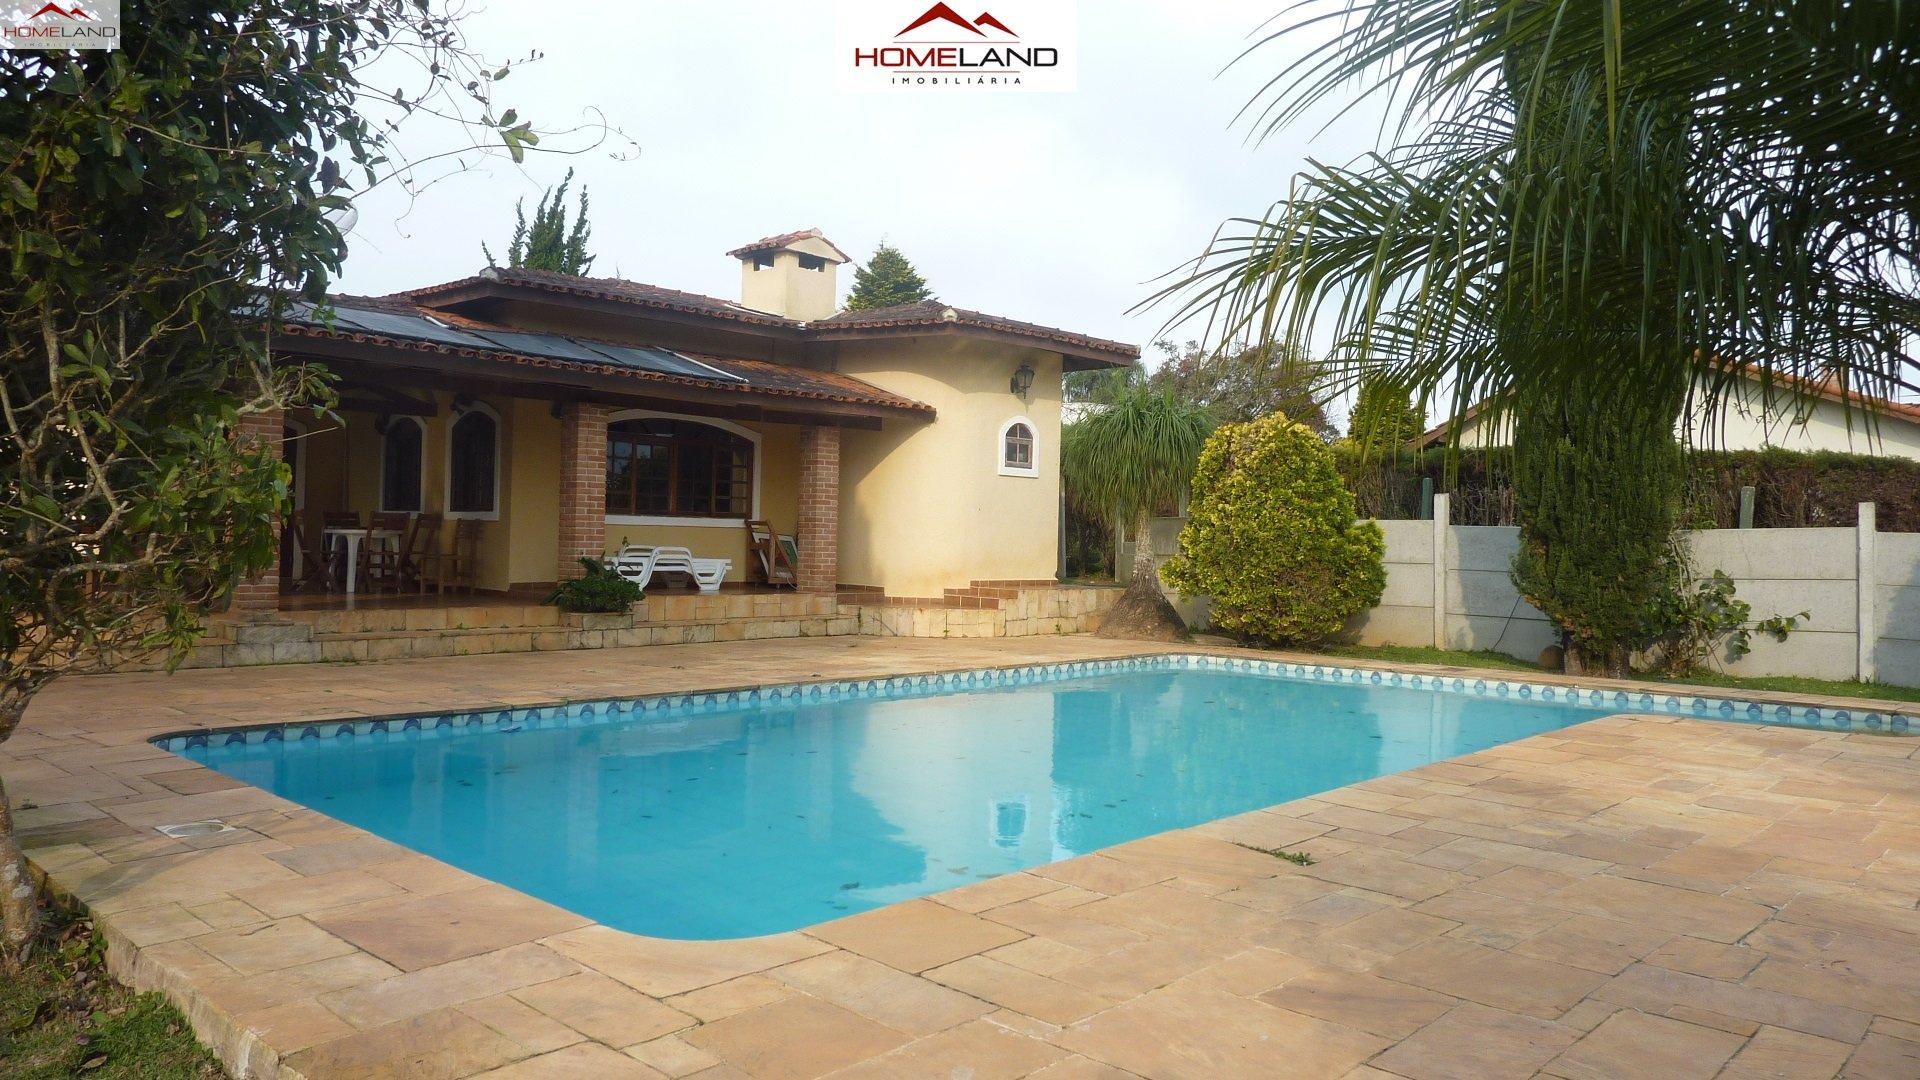 HL-132 Vende-se ou aluga-se casa térrea no Patrimônio do Carmo R$ 1.200 mil / R$ 2.6 mil